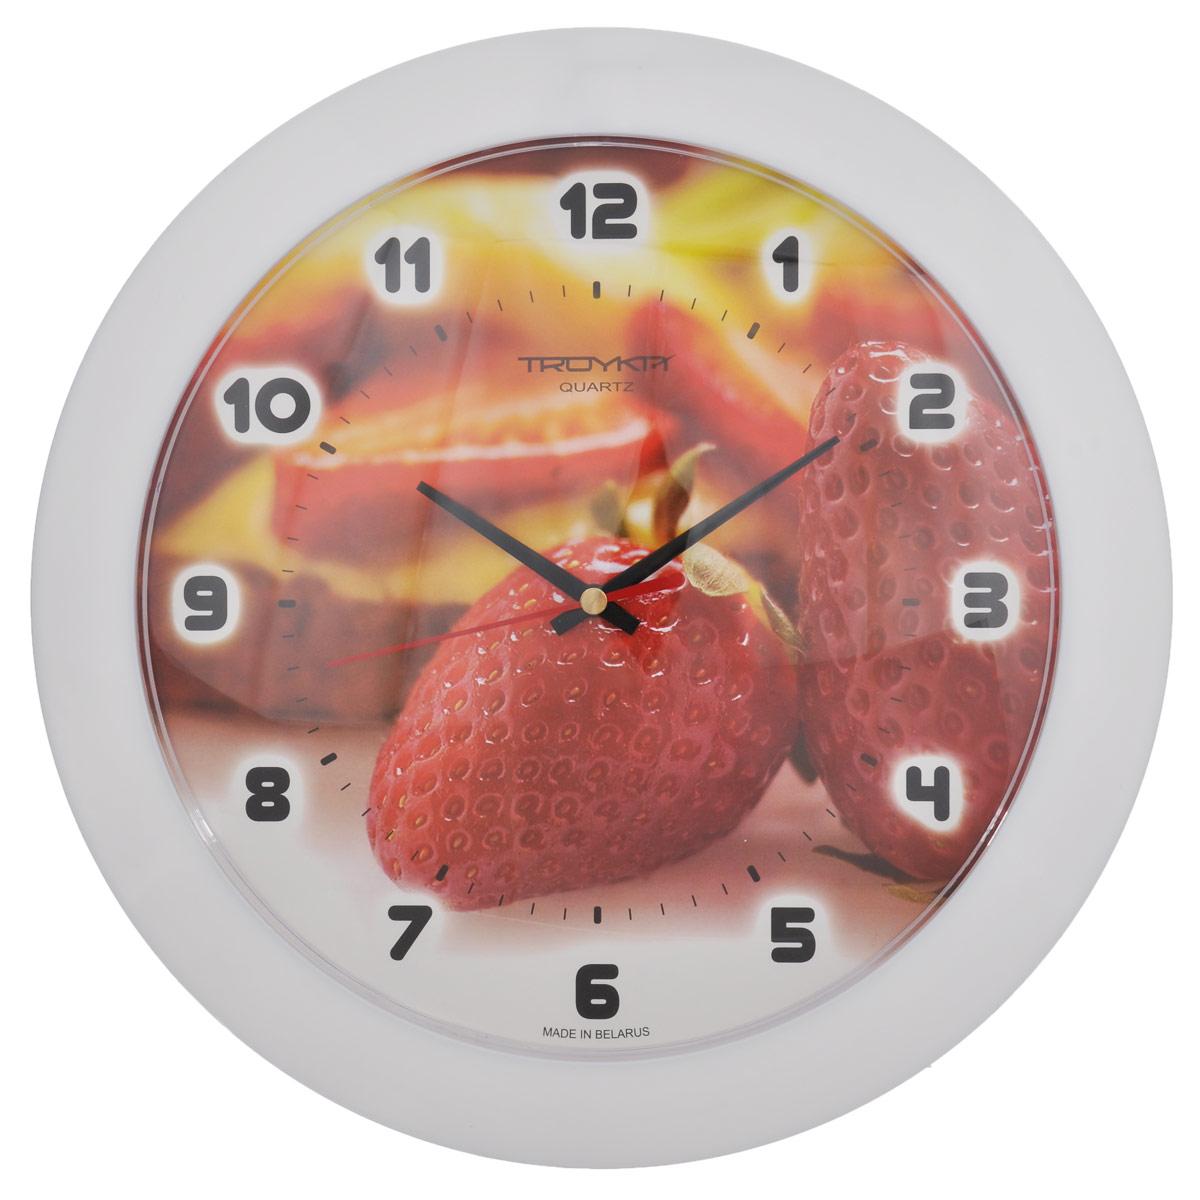 Часы настенные Troyka Клубничные ягоды, цвет: красный, белый. 5151053151510531Настенные кварцевые часы Troyka Клубничные ягоды, изготовленные из пластика, прекрасно подойдут под интерьер вашего дома. Круглые часы имеют три стрелки: часовую, минутную и секундную, циферблат украшен изображением клубники и защищен прозрачным пластиком. Диаметр часов: 30,5 см. Часы работают от 1 батарейки типа АА напряжением 1,5 В (входит в комплект).